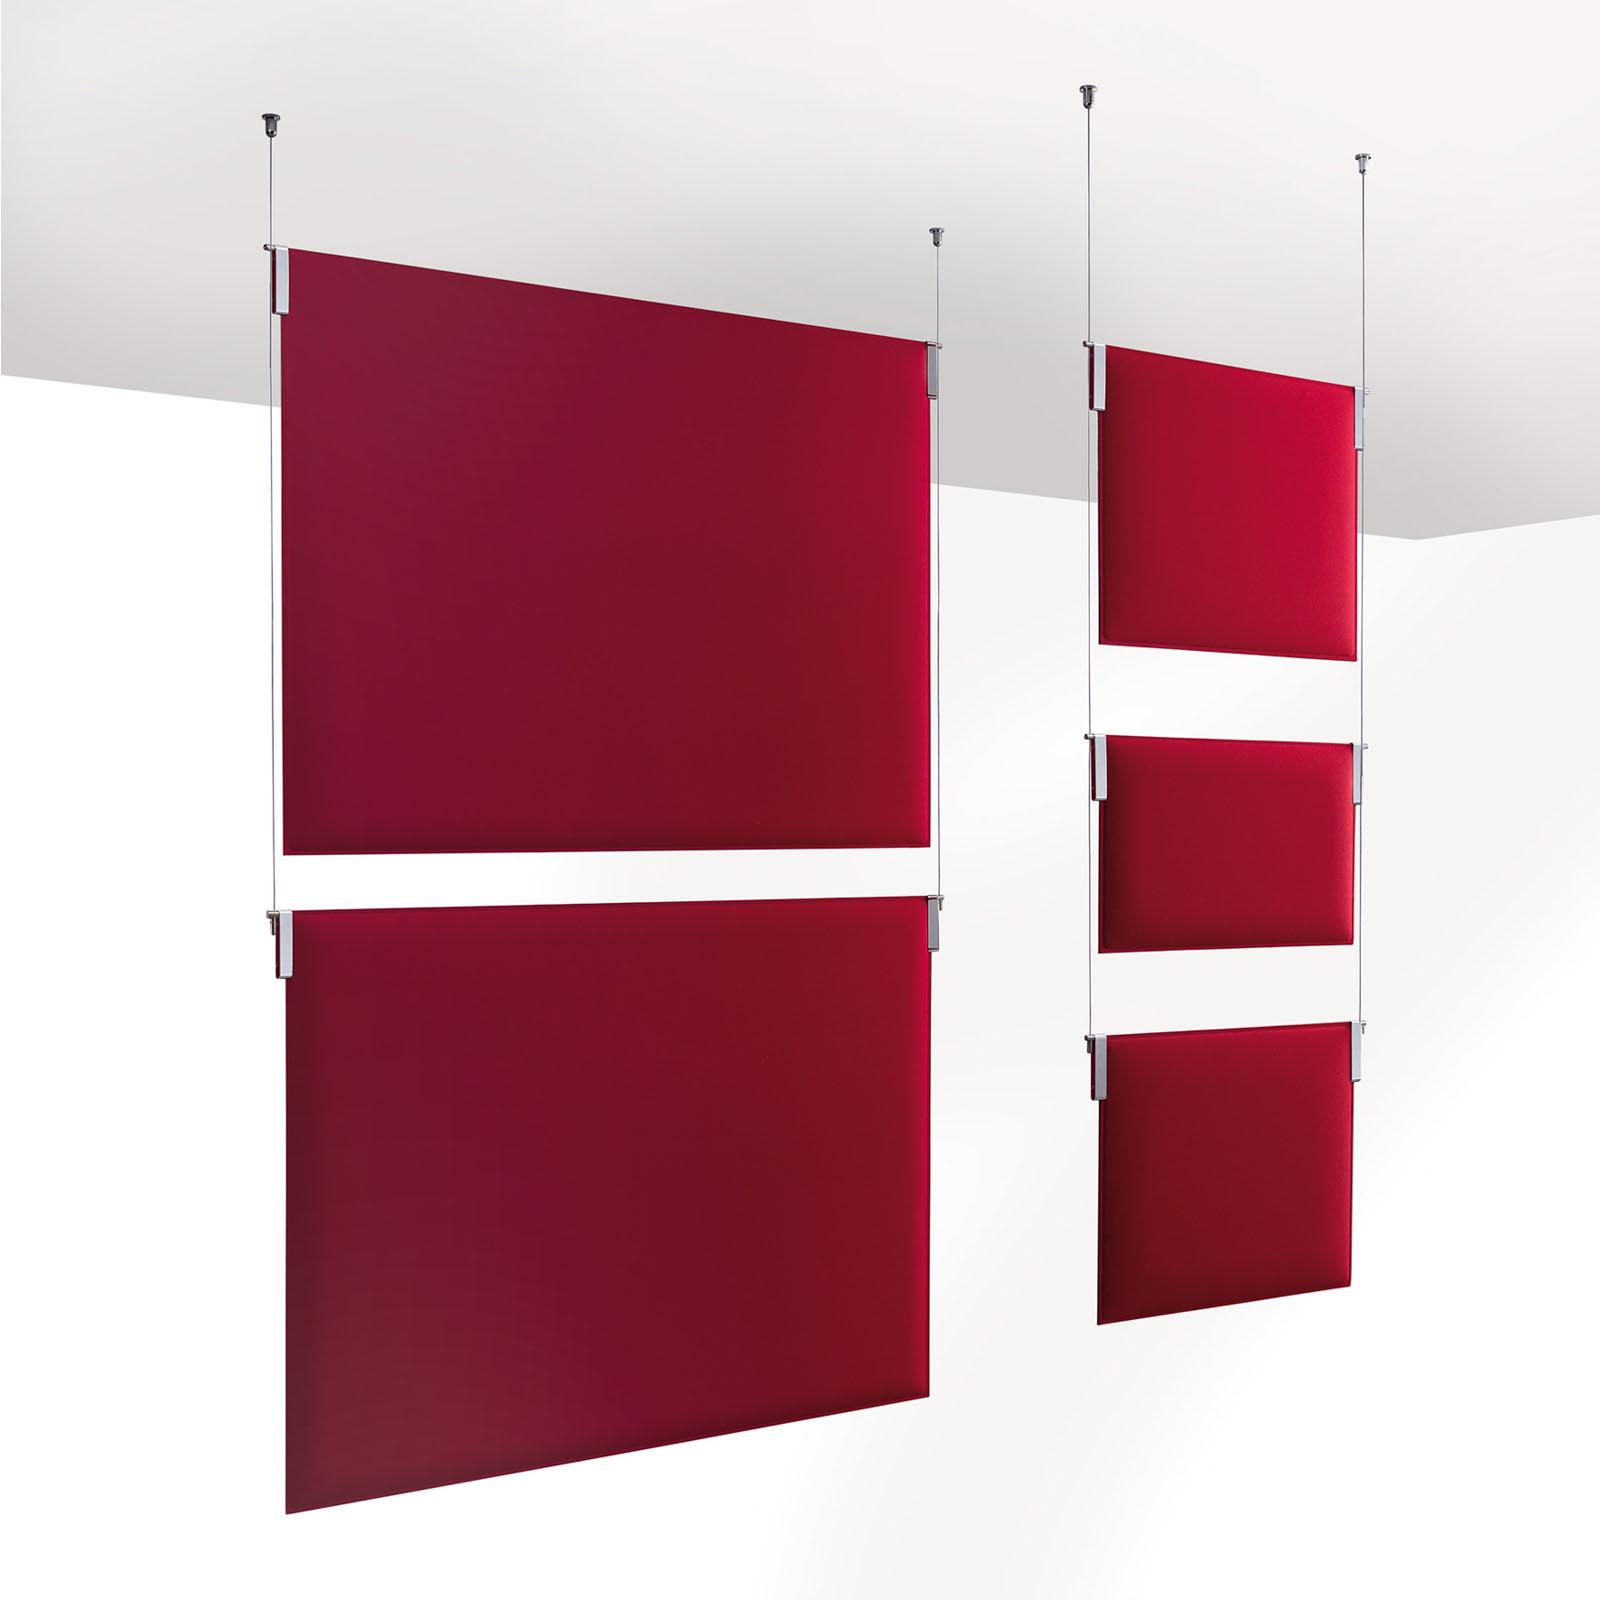 CAIMI Caimi Tra Light Ceiling - Gamme de panneaux acoustiques plafond